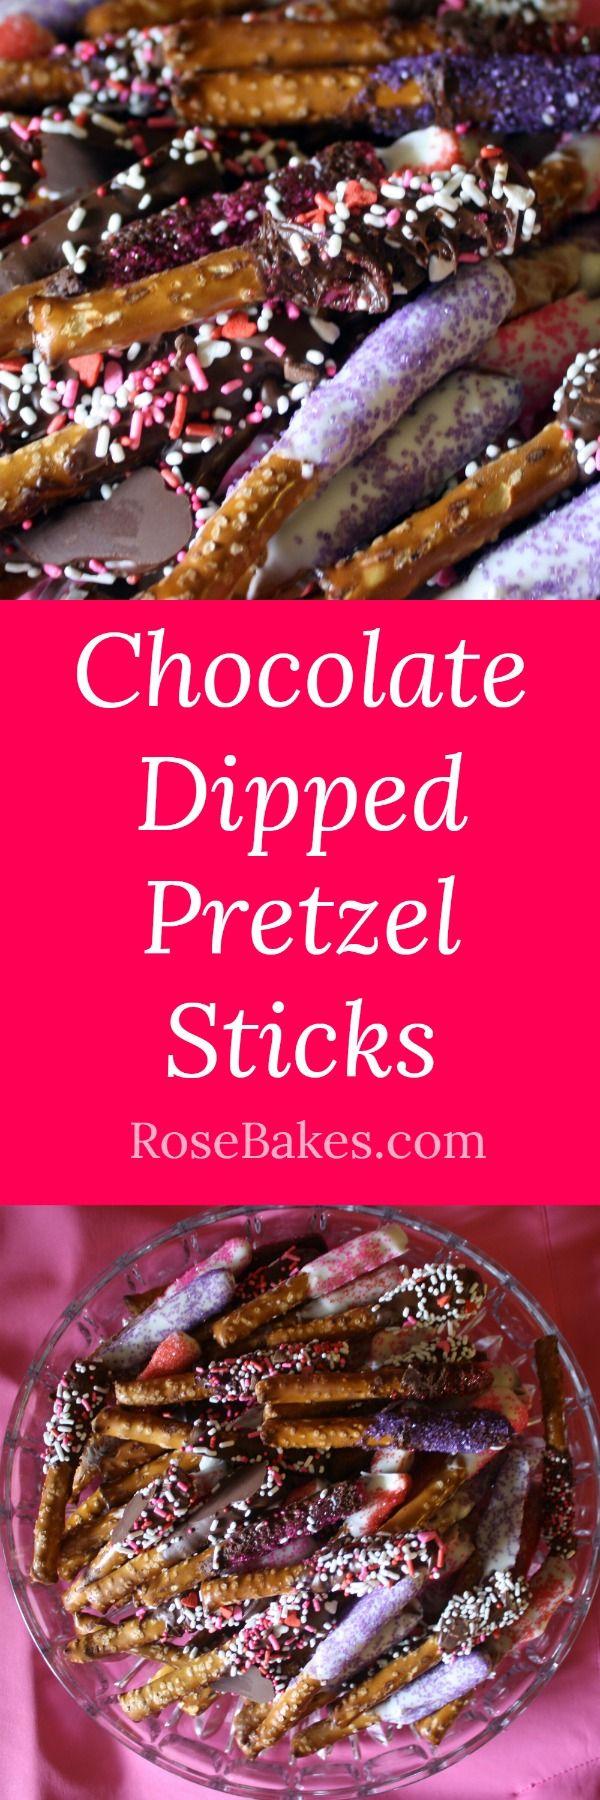 Easy Chocolate Dipped Pretzel Sticks